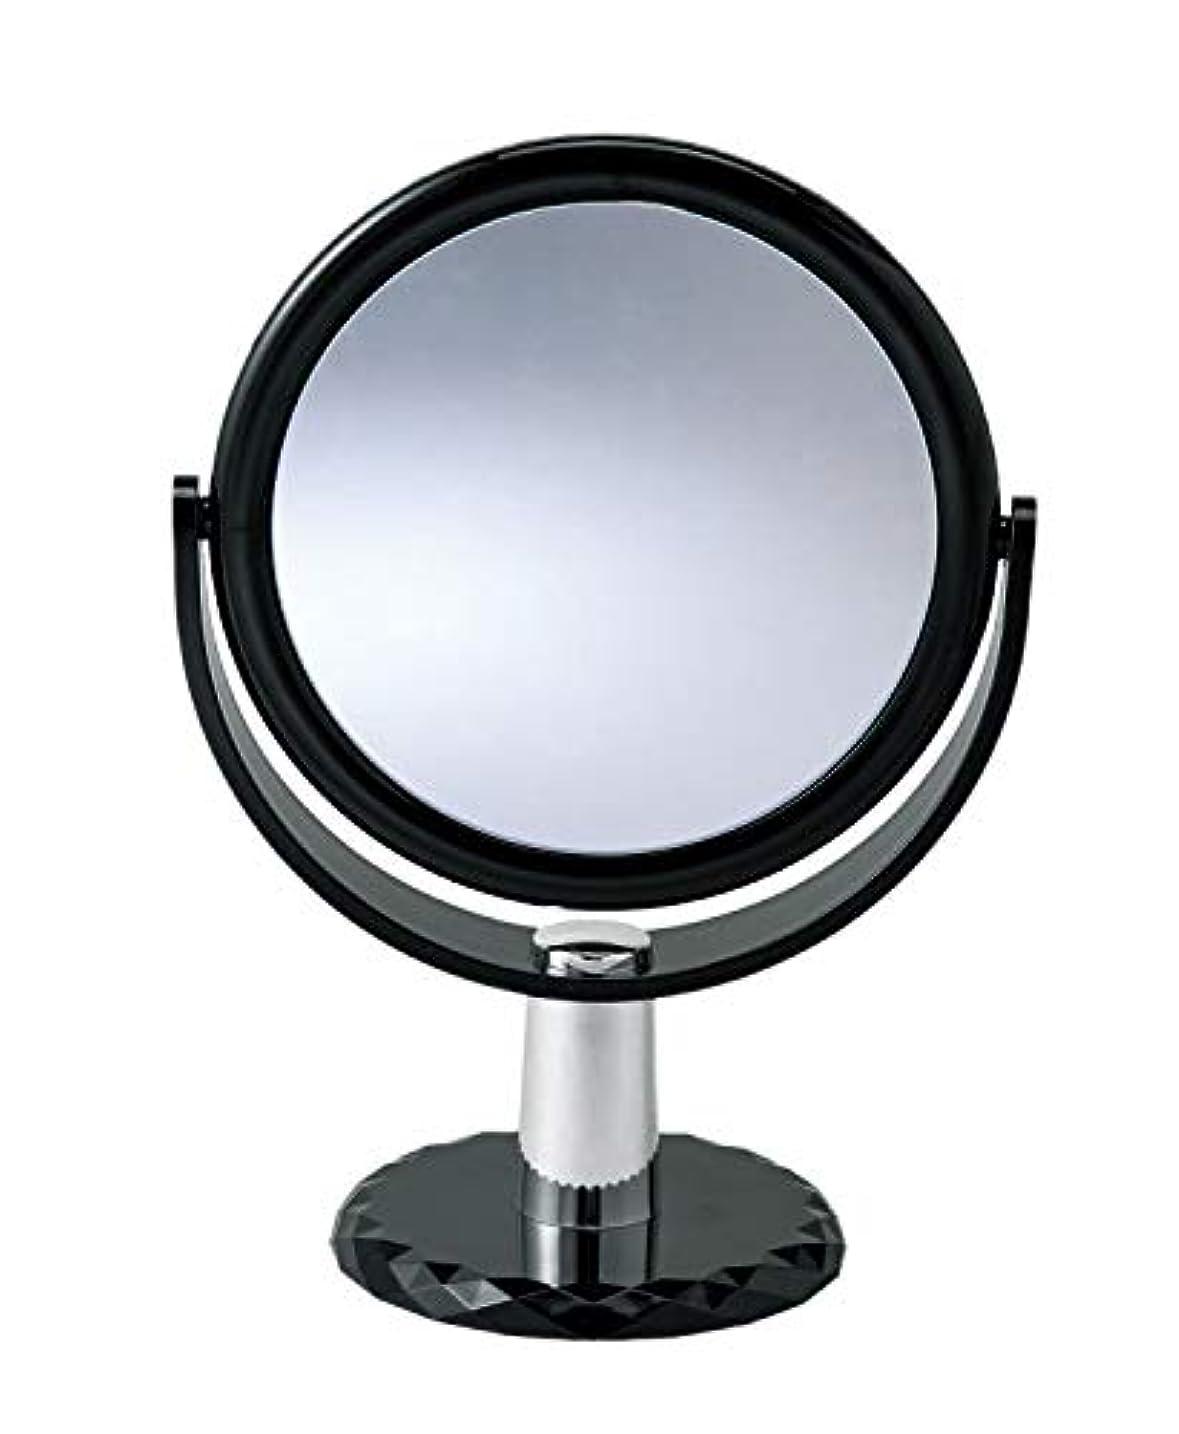 オリエンテーション艶親指10倍拡大鏡付きの2面ミラー 卓上 スタンドミラー 化粧鏡 メイク 360度回転